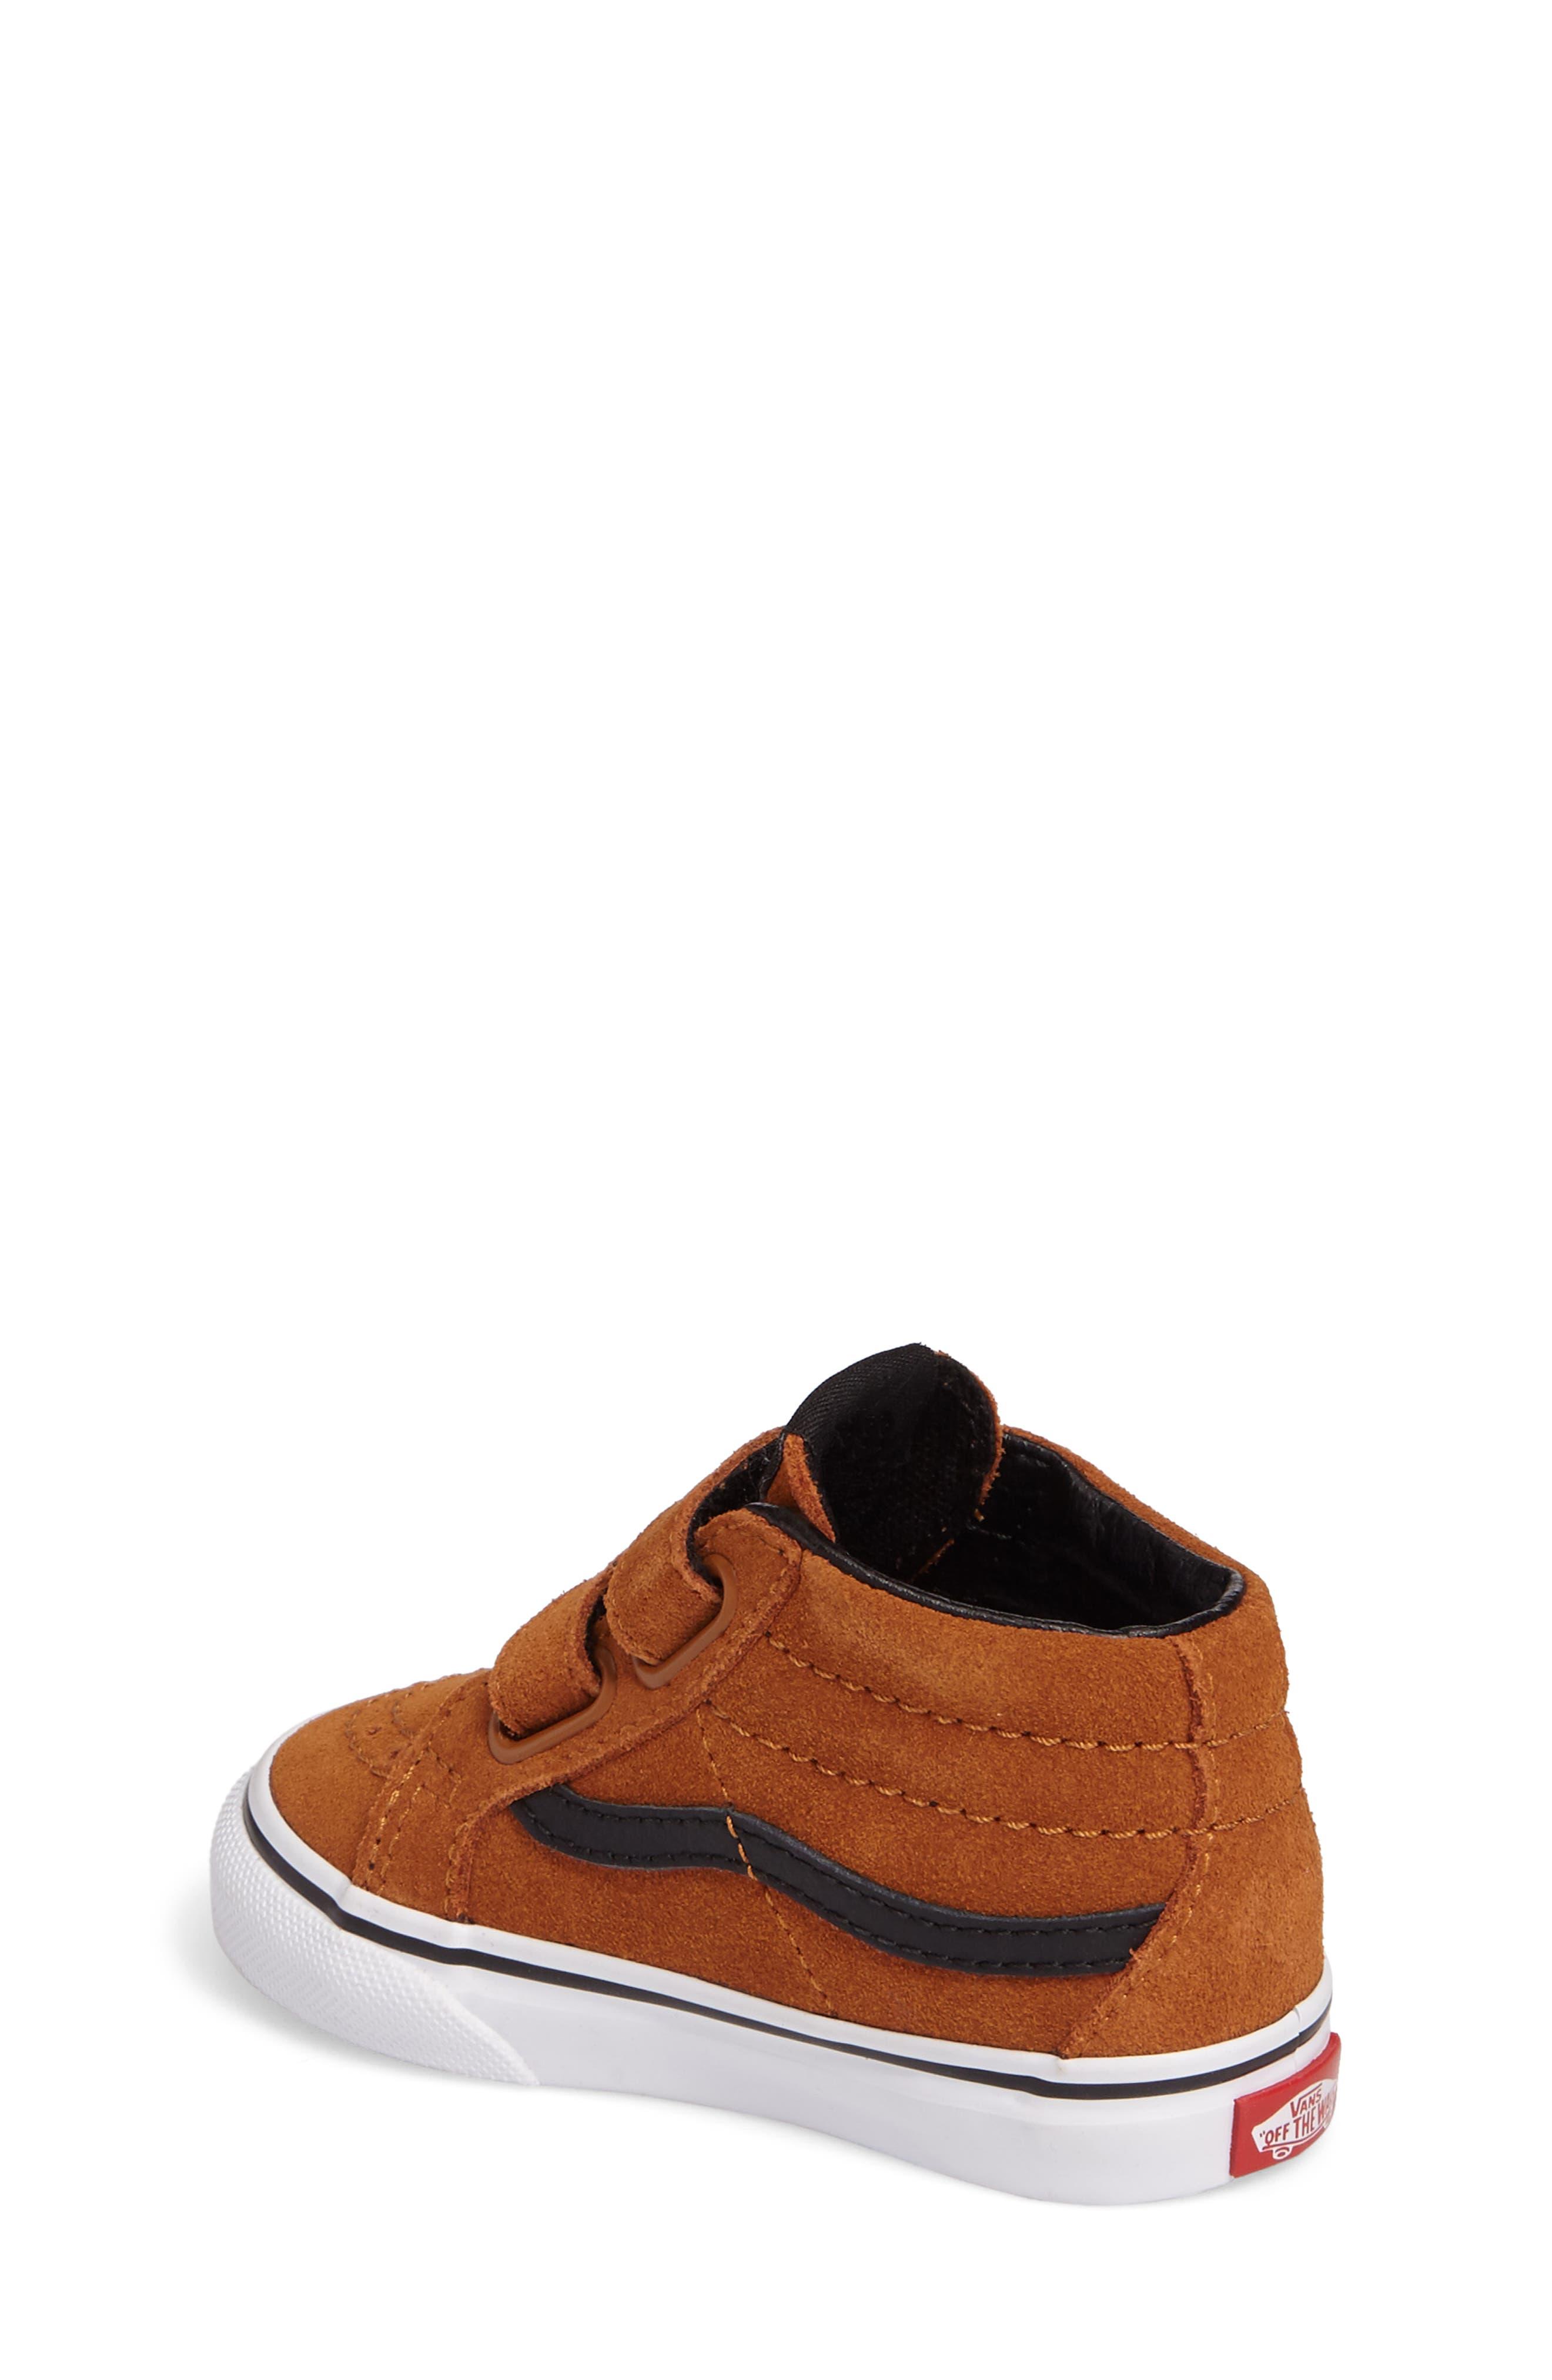 SK8-Mid Reissue Sneaker,                             Alternate thumbnail 2, color,                             Glazed Ginger/ Black